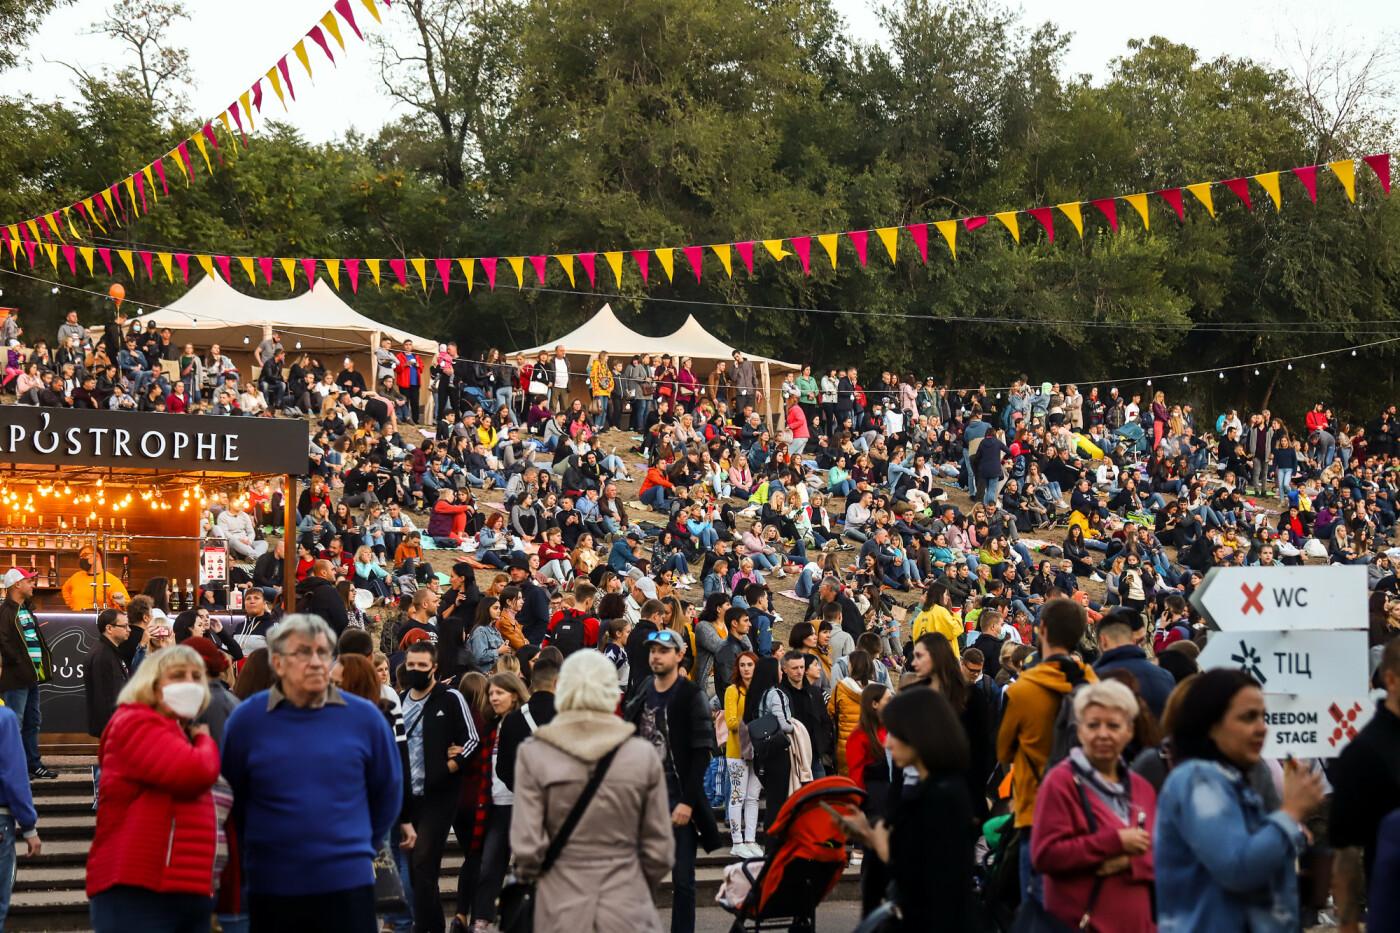 ЛГБТ-прайд, эко-митинг и восстановленные скульптуры в сквере Пионеров: сентябрь в фотографиях , фото-71